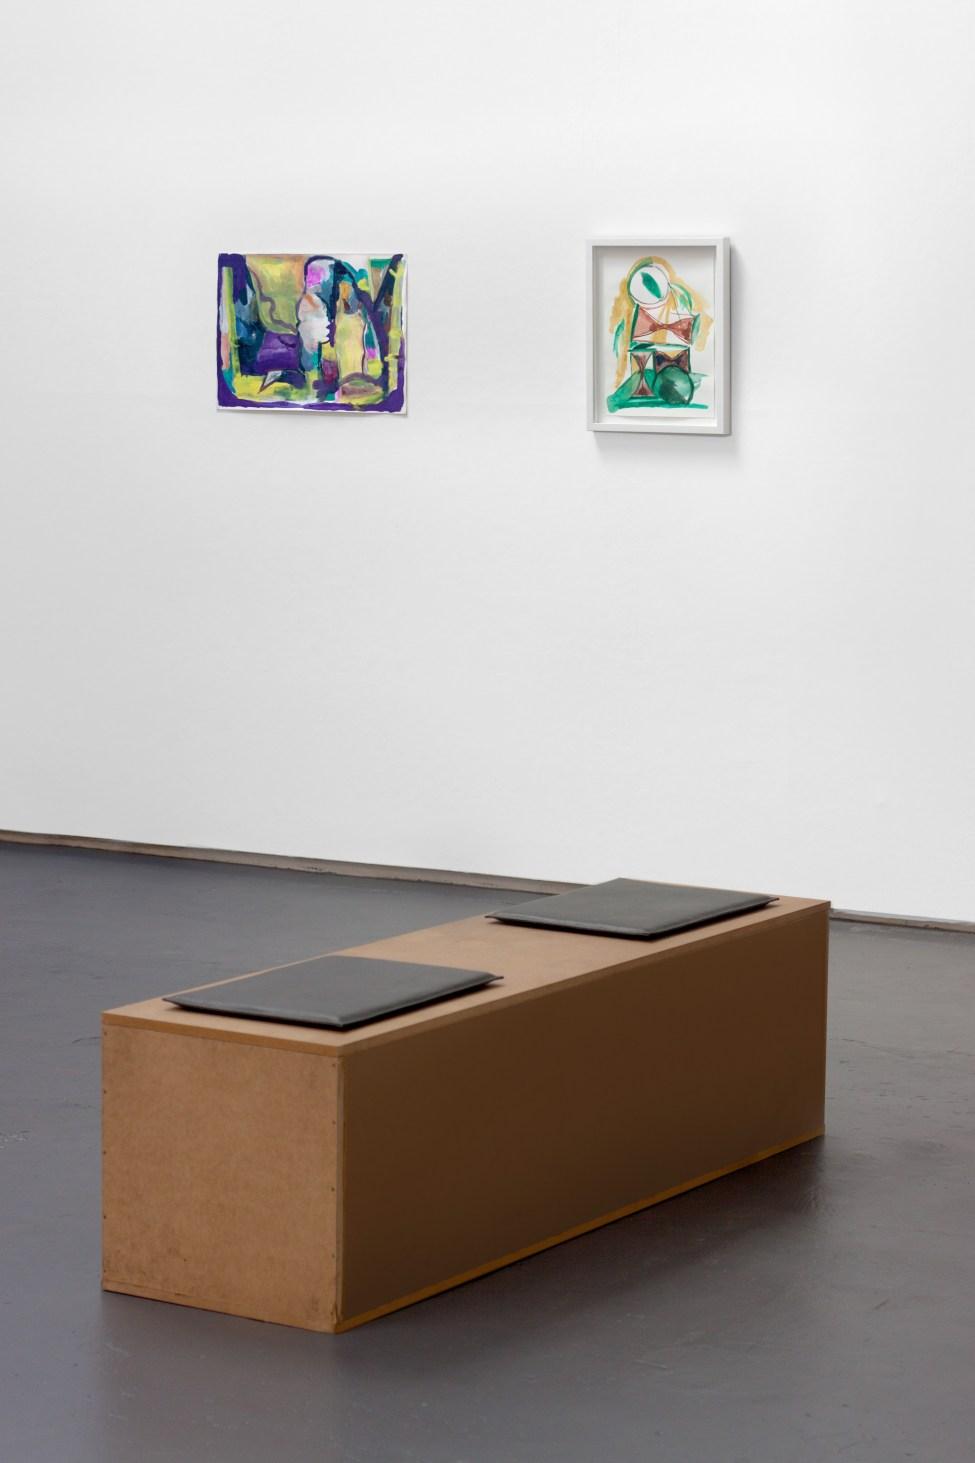 Rauchzeigen gallery view, 2016